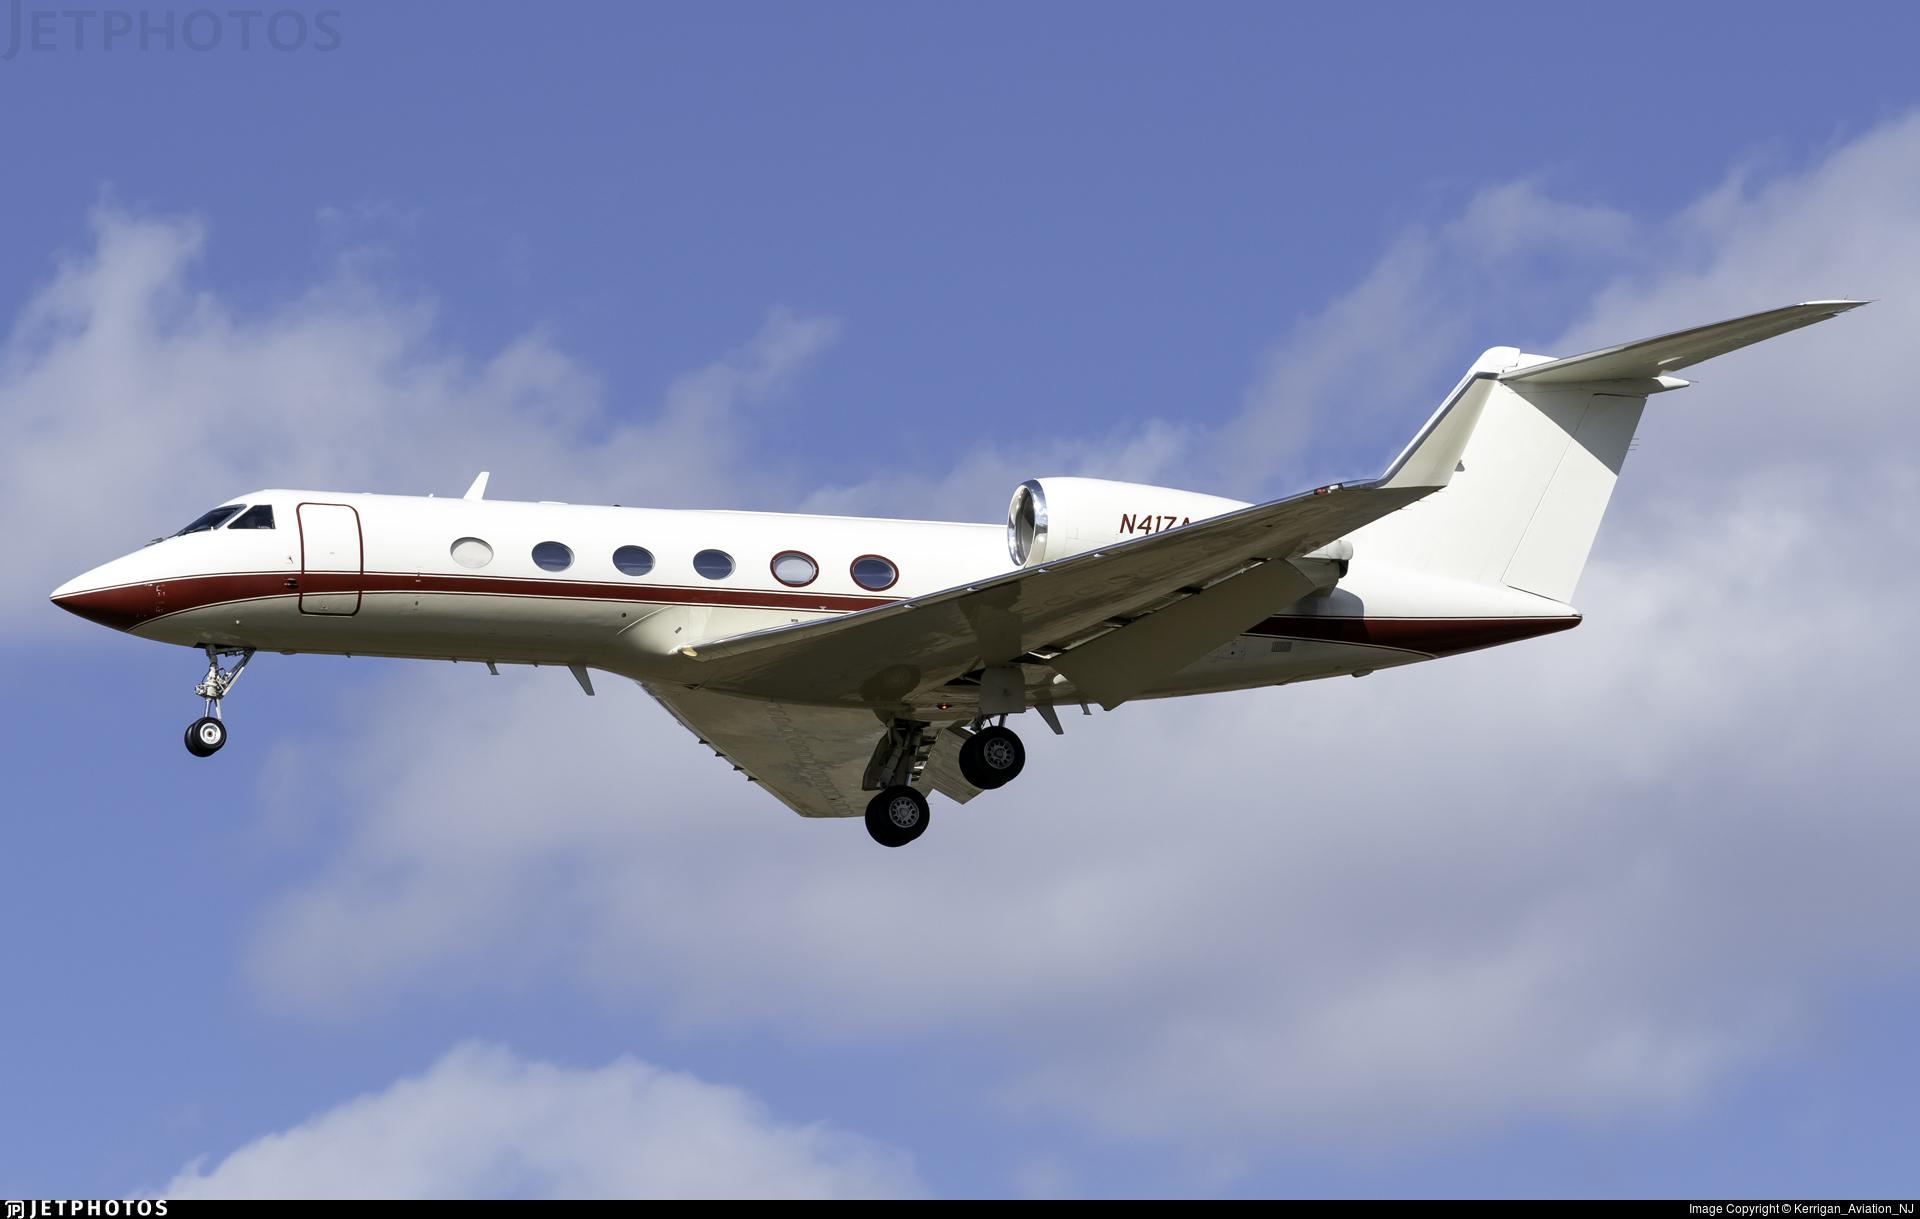 N41ZA - Gulfstream G-IV - Private